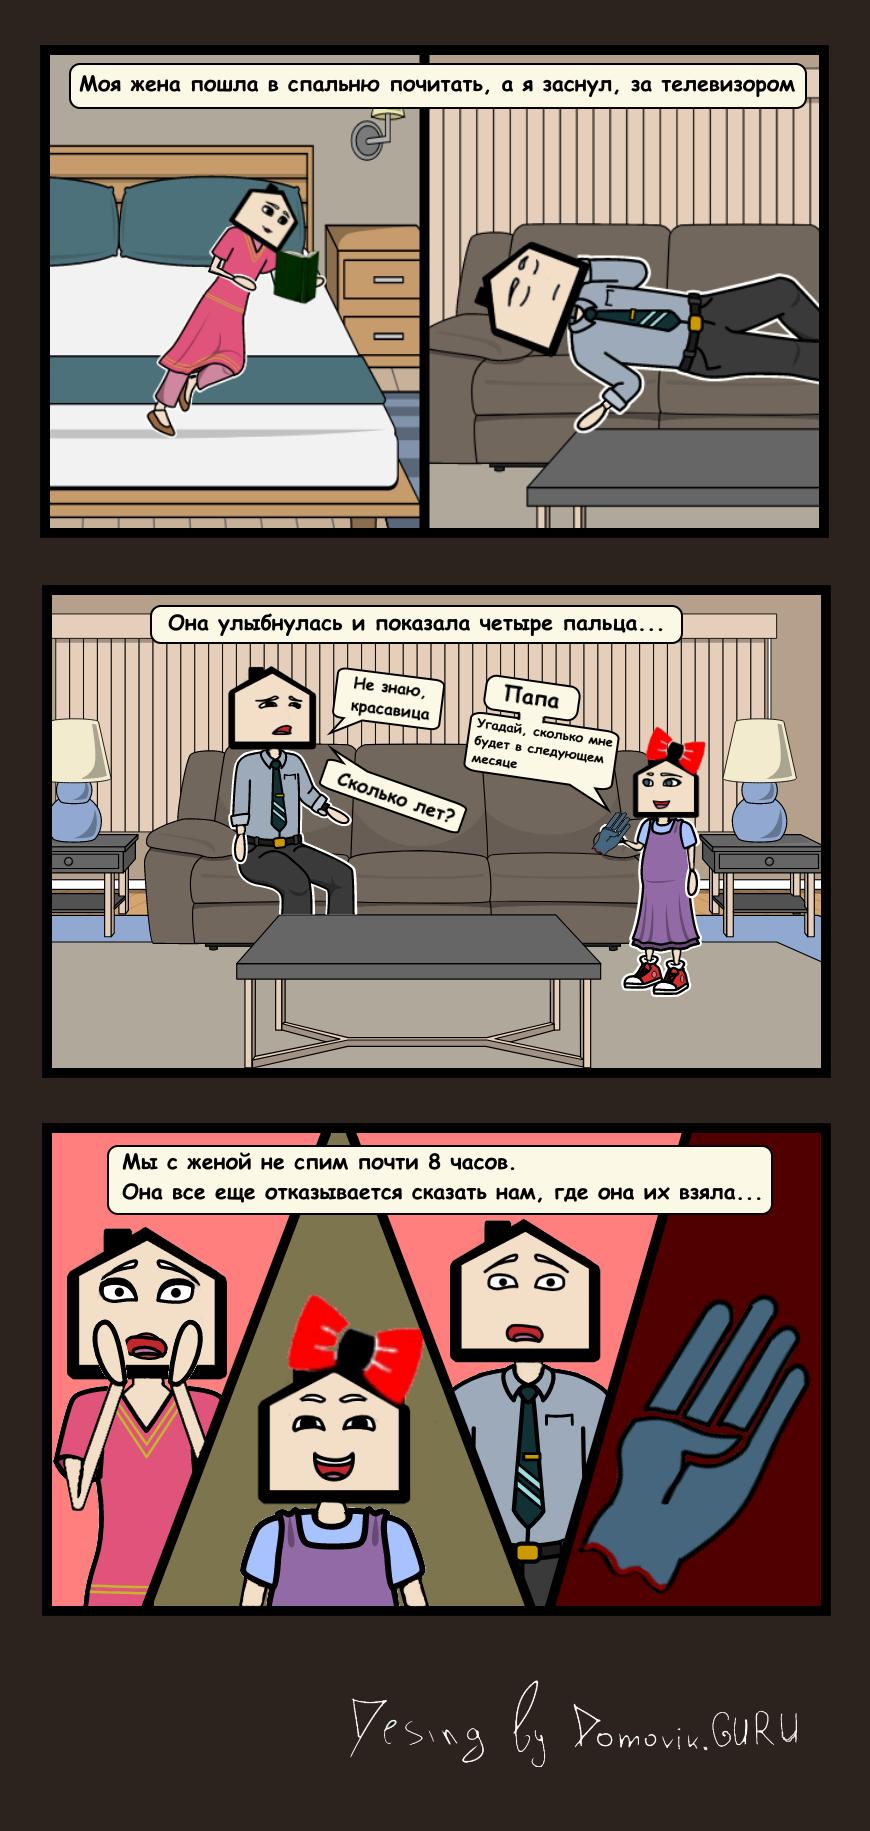 Четыре комикс